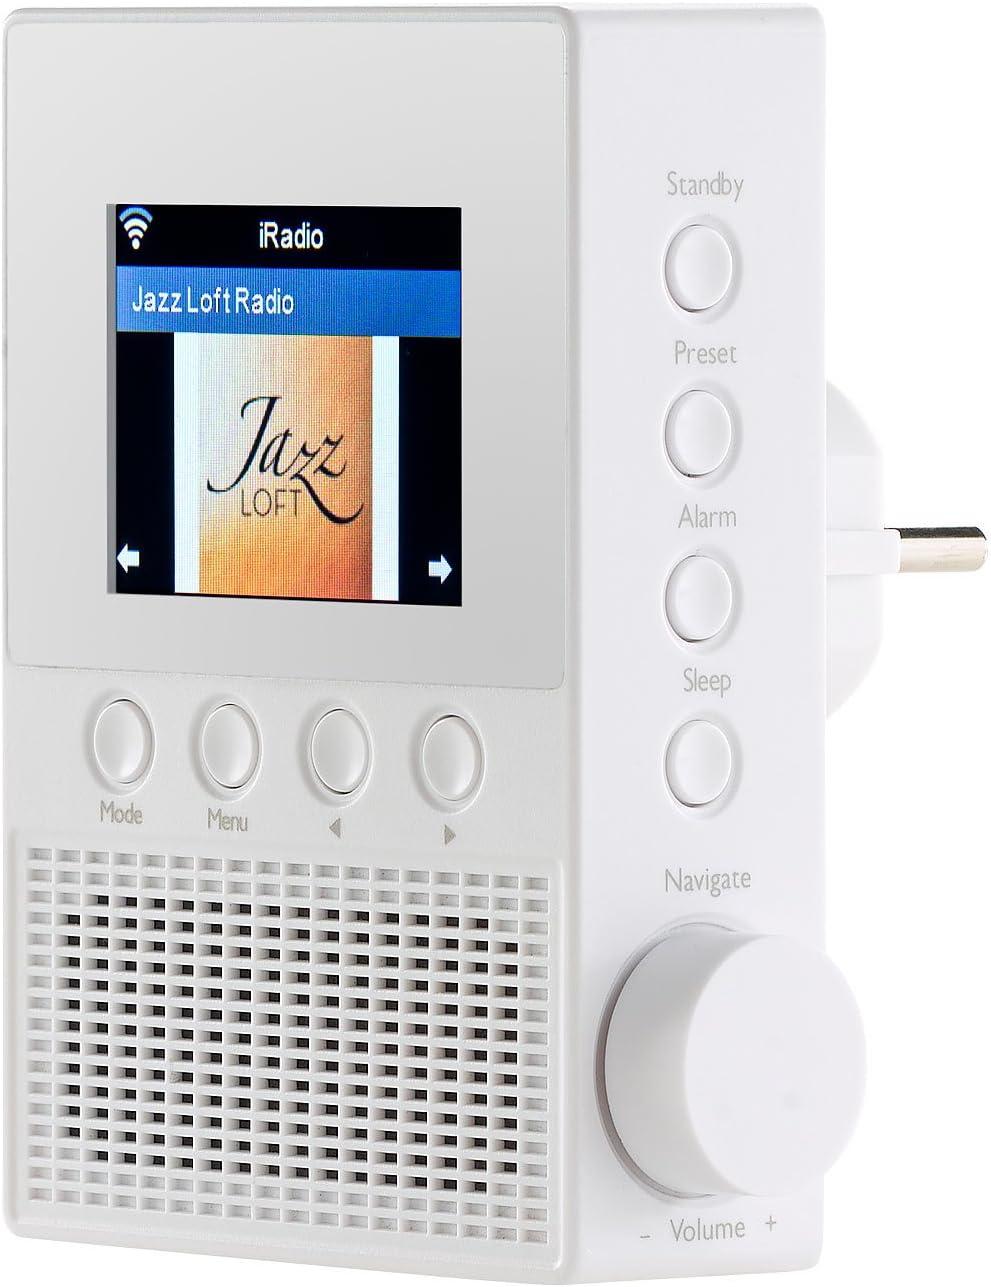 Vr Radio Steckdosenradio Steckdosen Internetradio Amazon De Elektronik